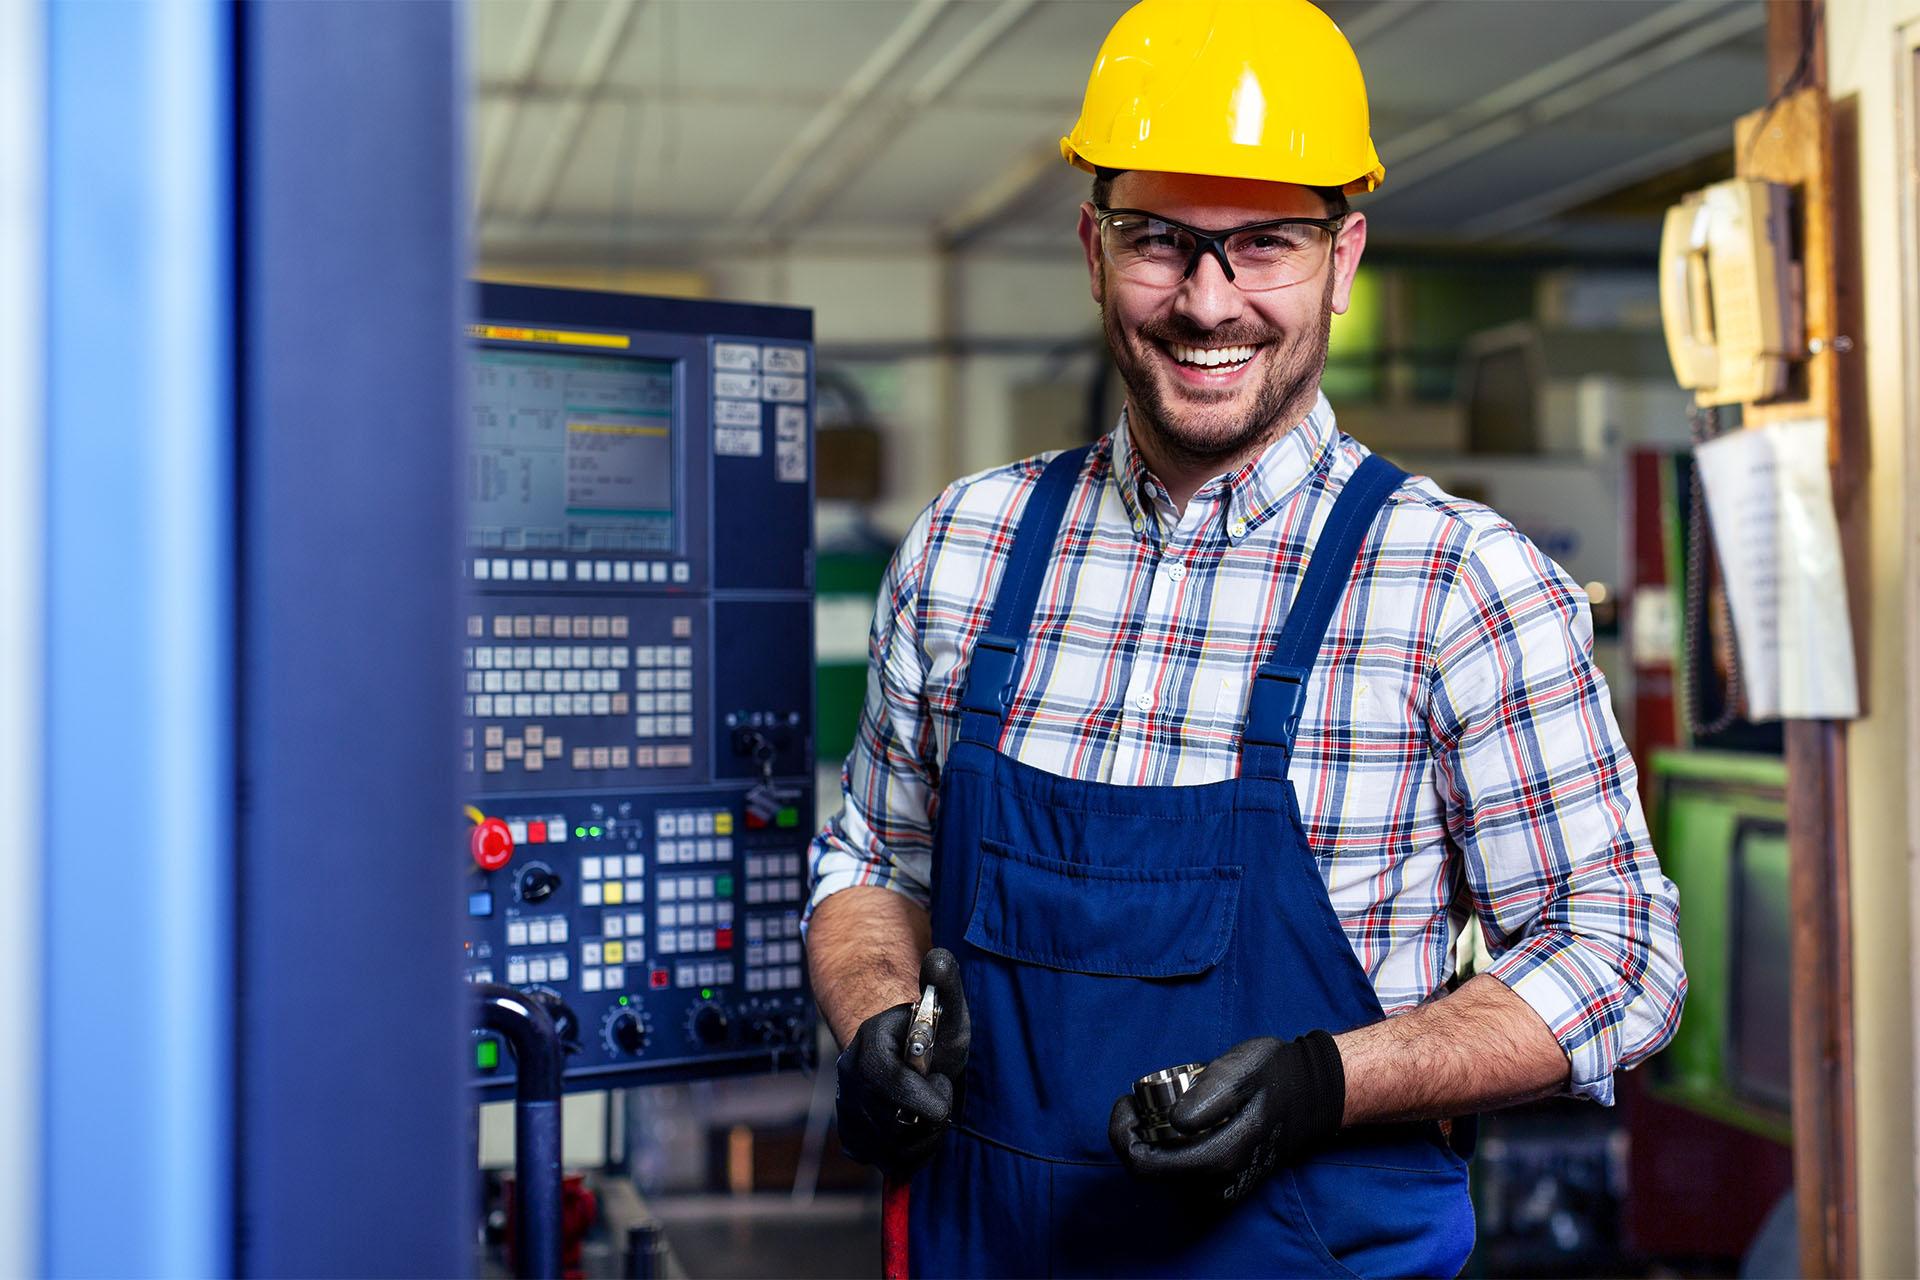 Regionales Stellenangebot für einen Job als Zerspanungsmechaniker in Lüdenscheid